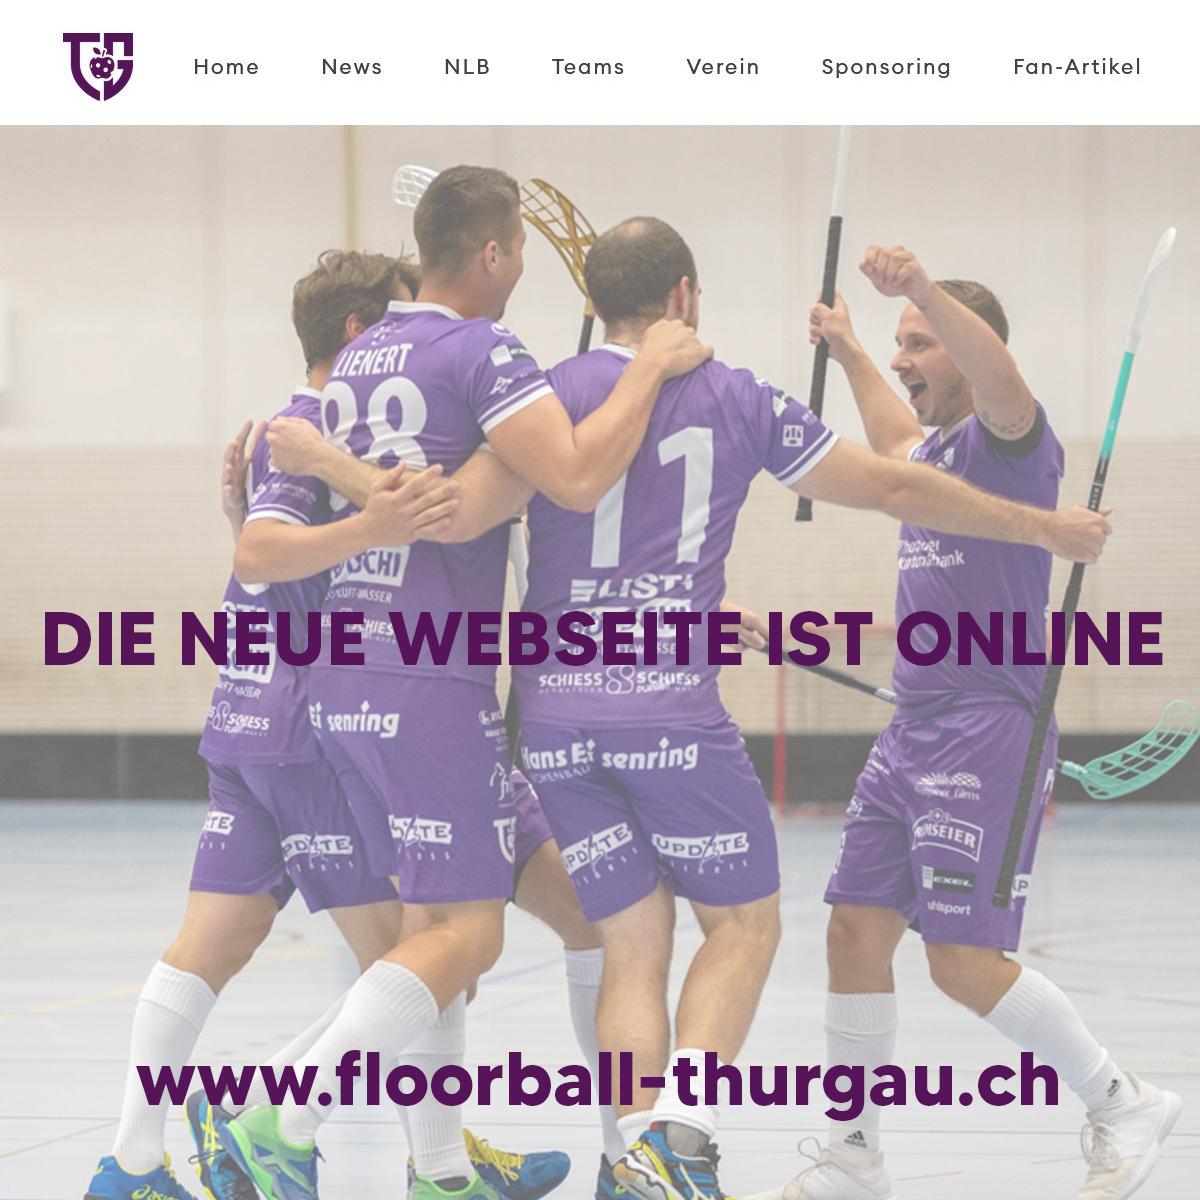 Die neue Website ist online